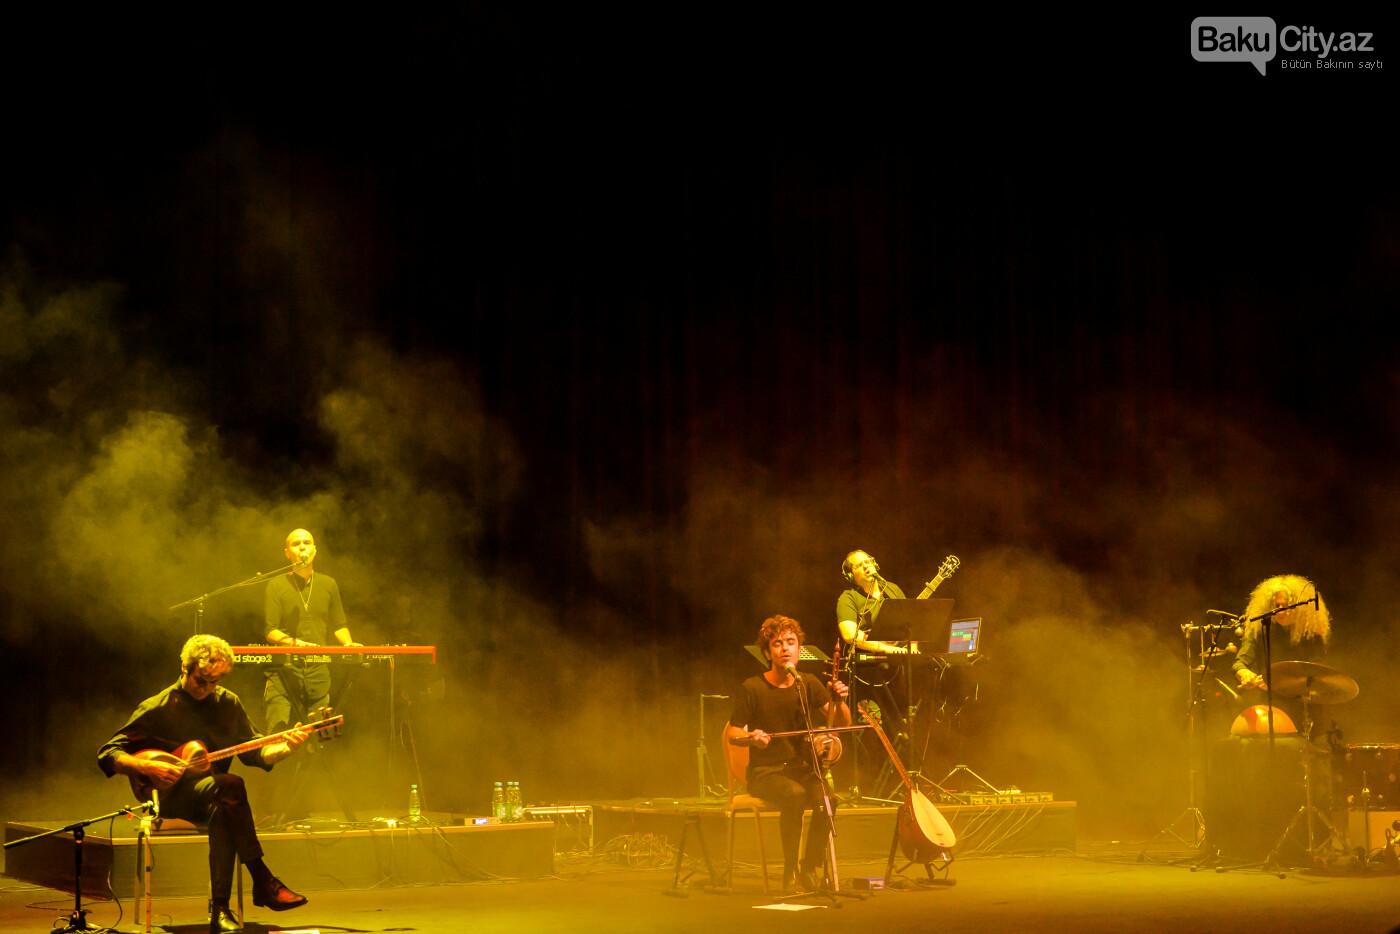 İsrailli musiqiçi Bakıda konsert verdi - FOTO, fotoşəkil-1